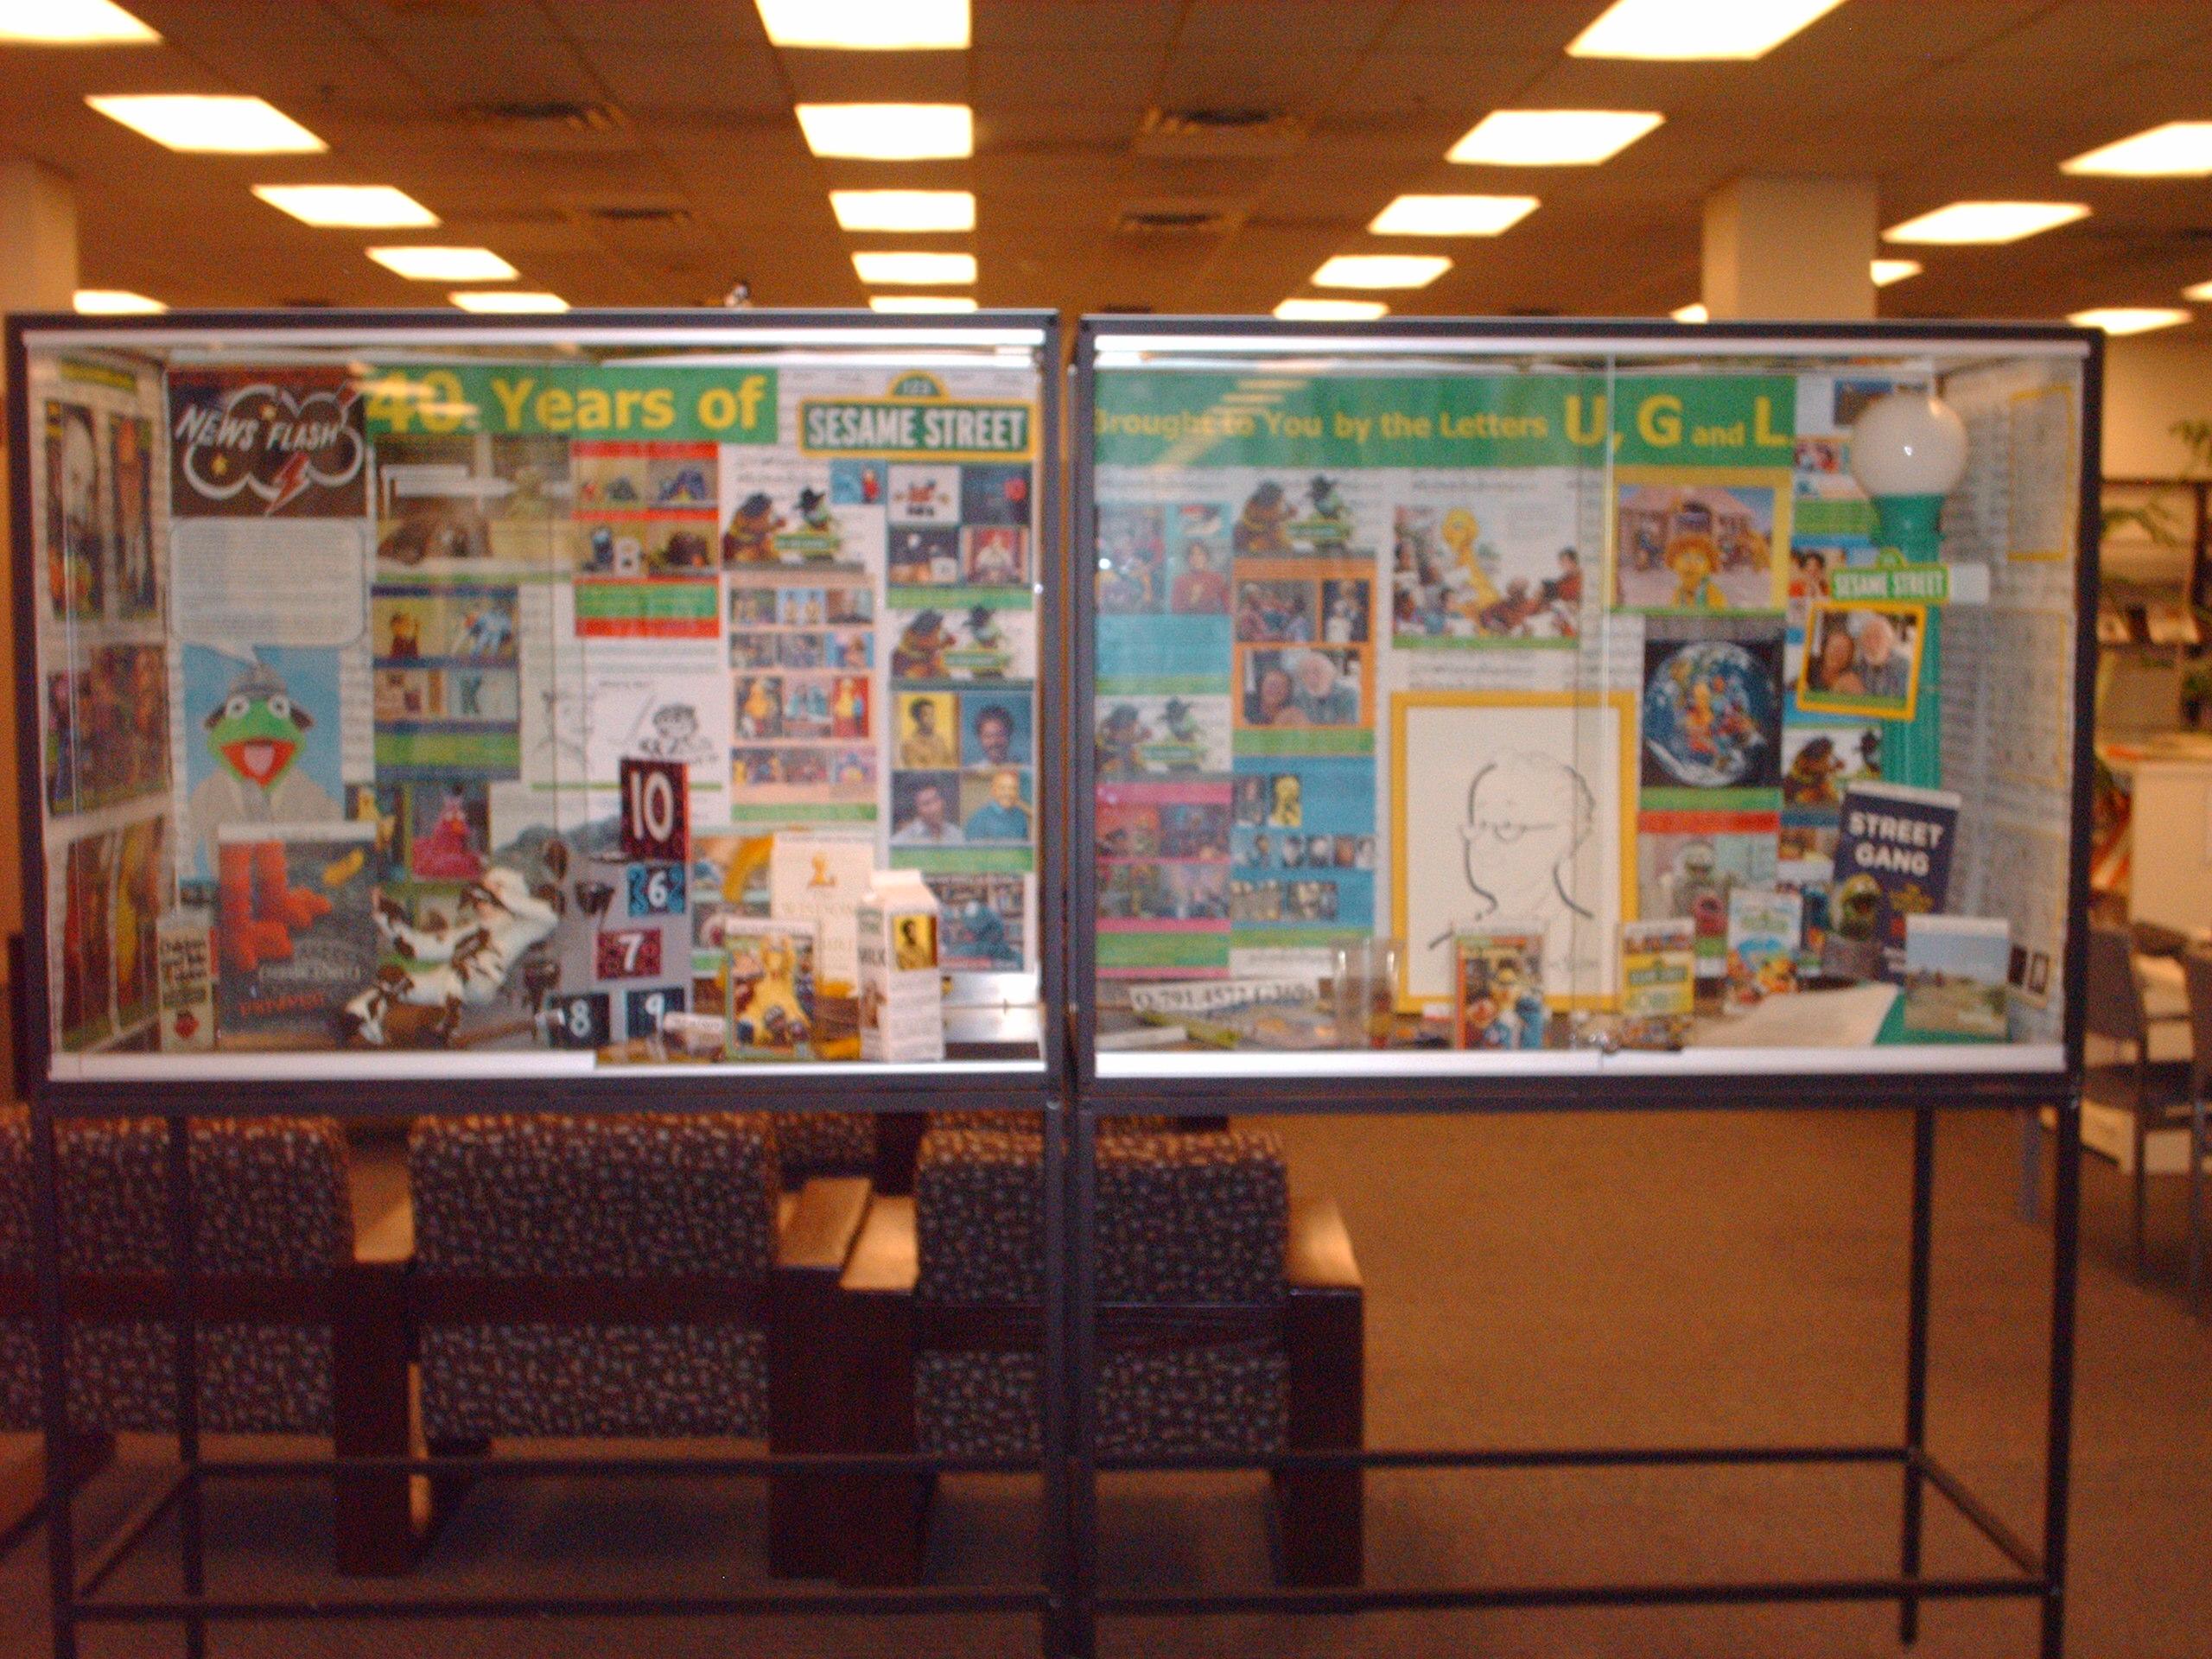 image of sesame street exhibit